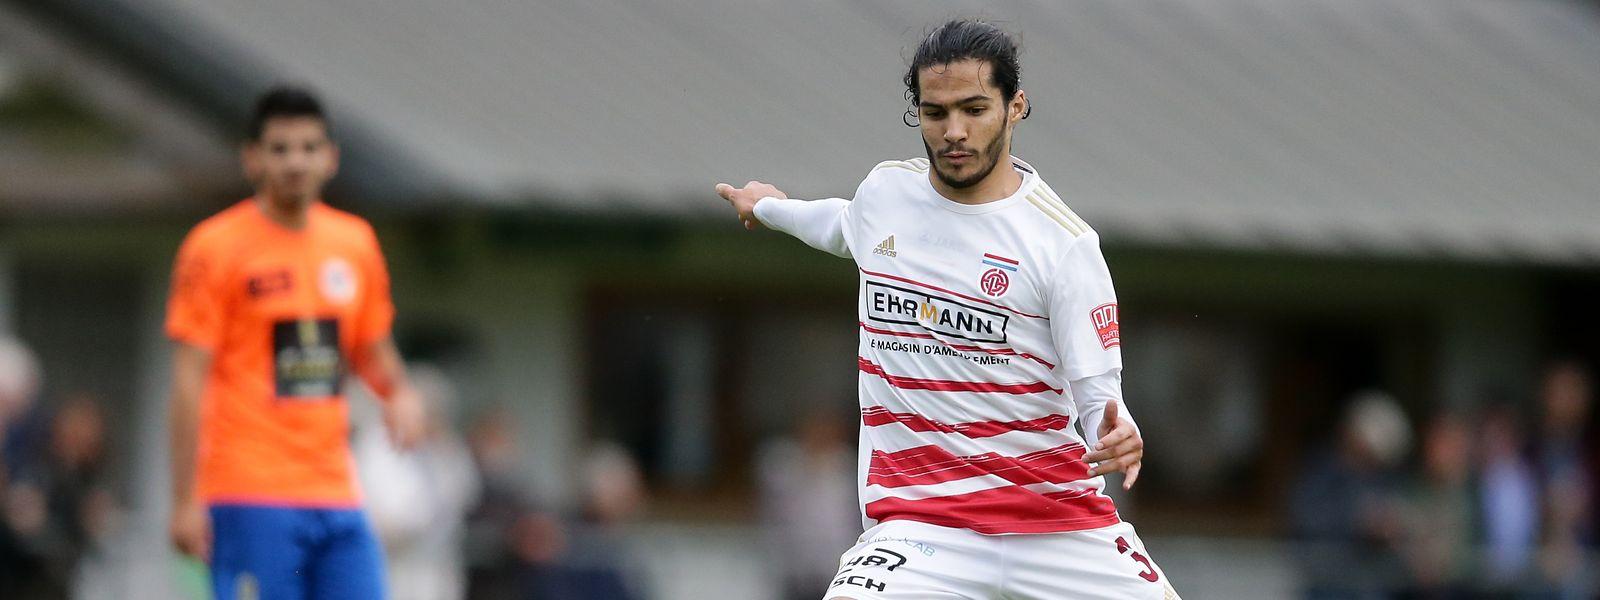 Diogo Pimentel joga atualmente pelo CS Fola Esch e pode estrear-se pela seleção luxemburgues este sábado.